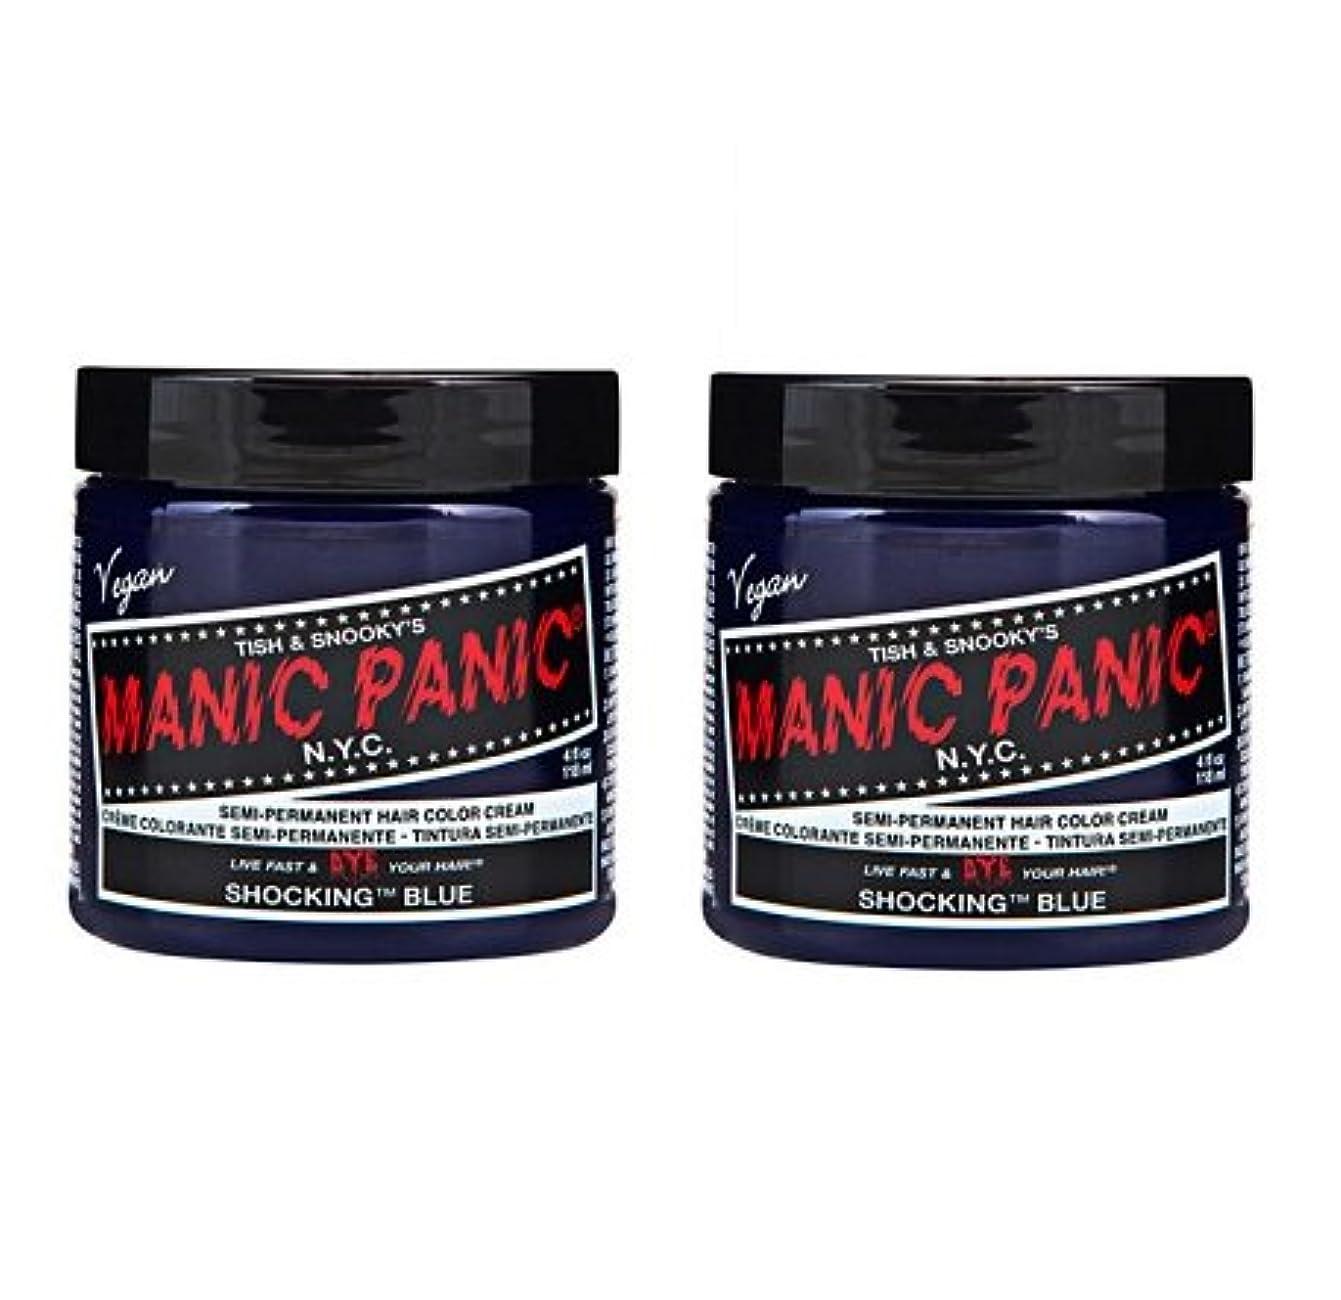 債務者気楽なインチ【2個セット】MANIC PANIC マニックパニック Shocking Blue ショッキングブルー 118ml